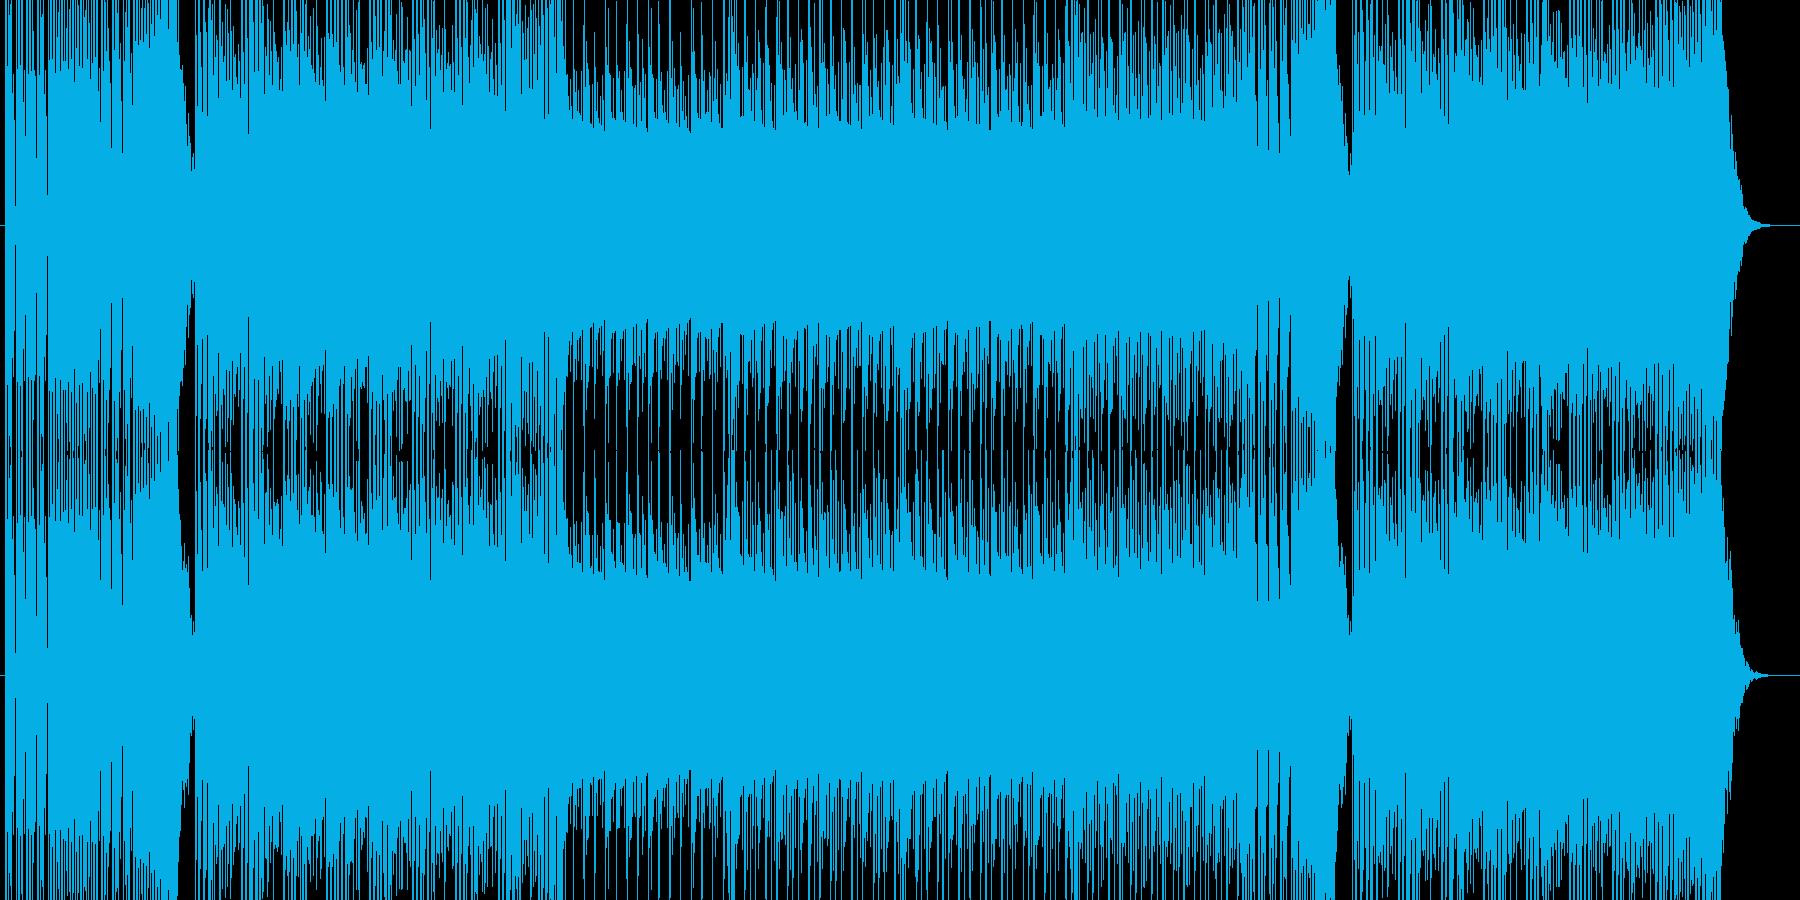 シンプルなベースサウンドの再生済みの波形